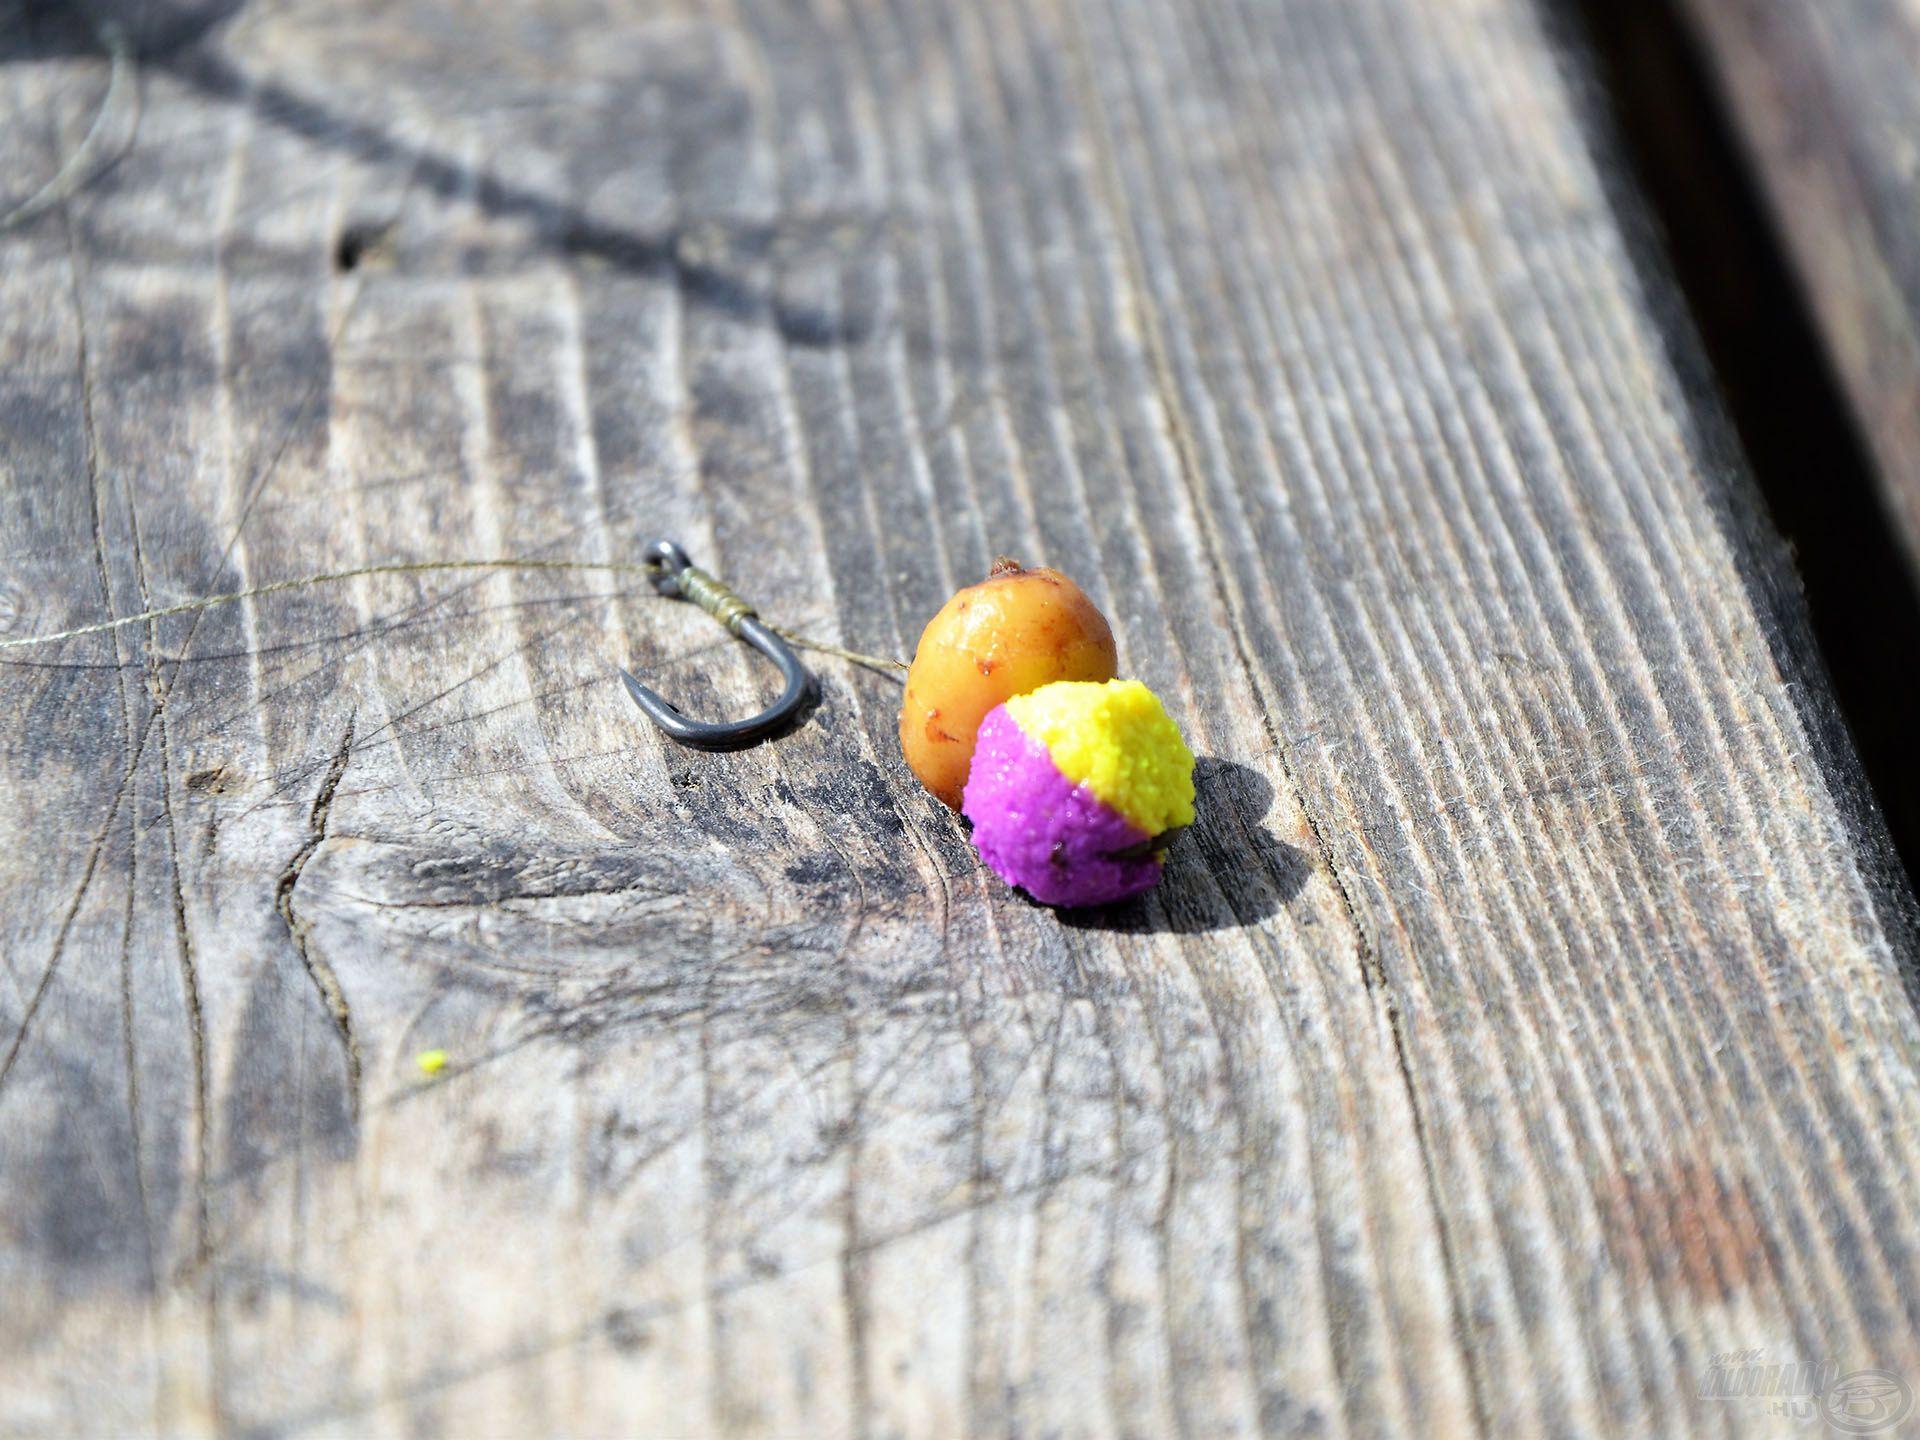 Törpeharcsák ellen is jó alternatíva a kemény, termetes csali. A BlendeX Pop Up csalin jól látható a törpék áldásos tevékenysége